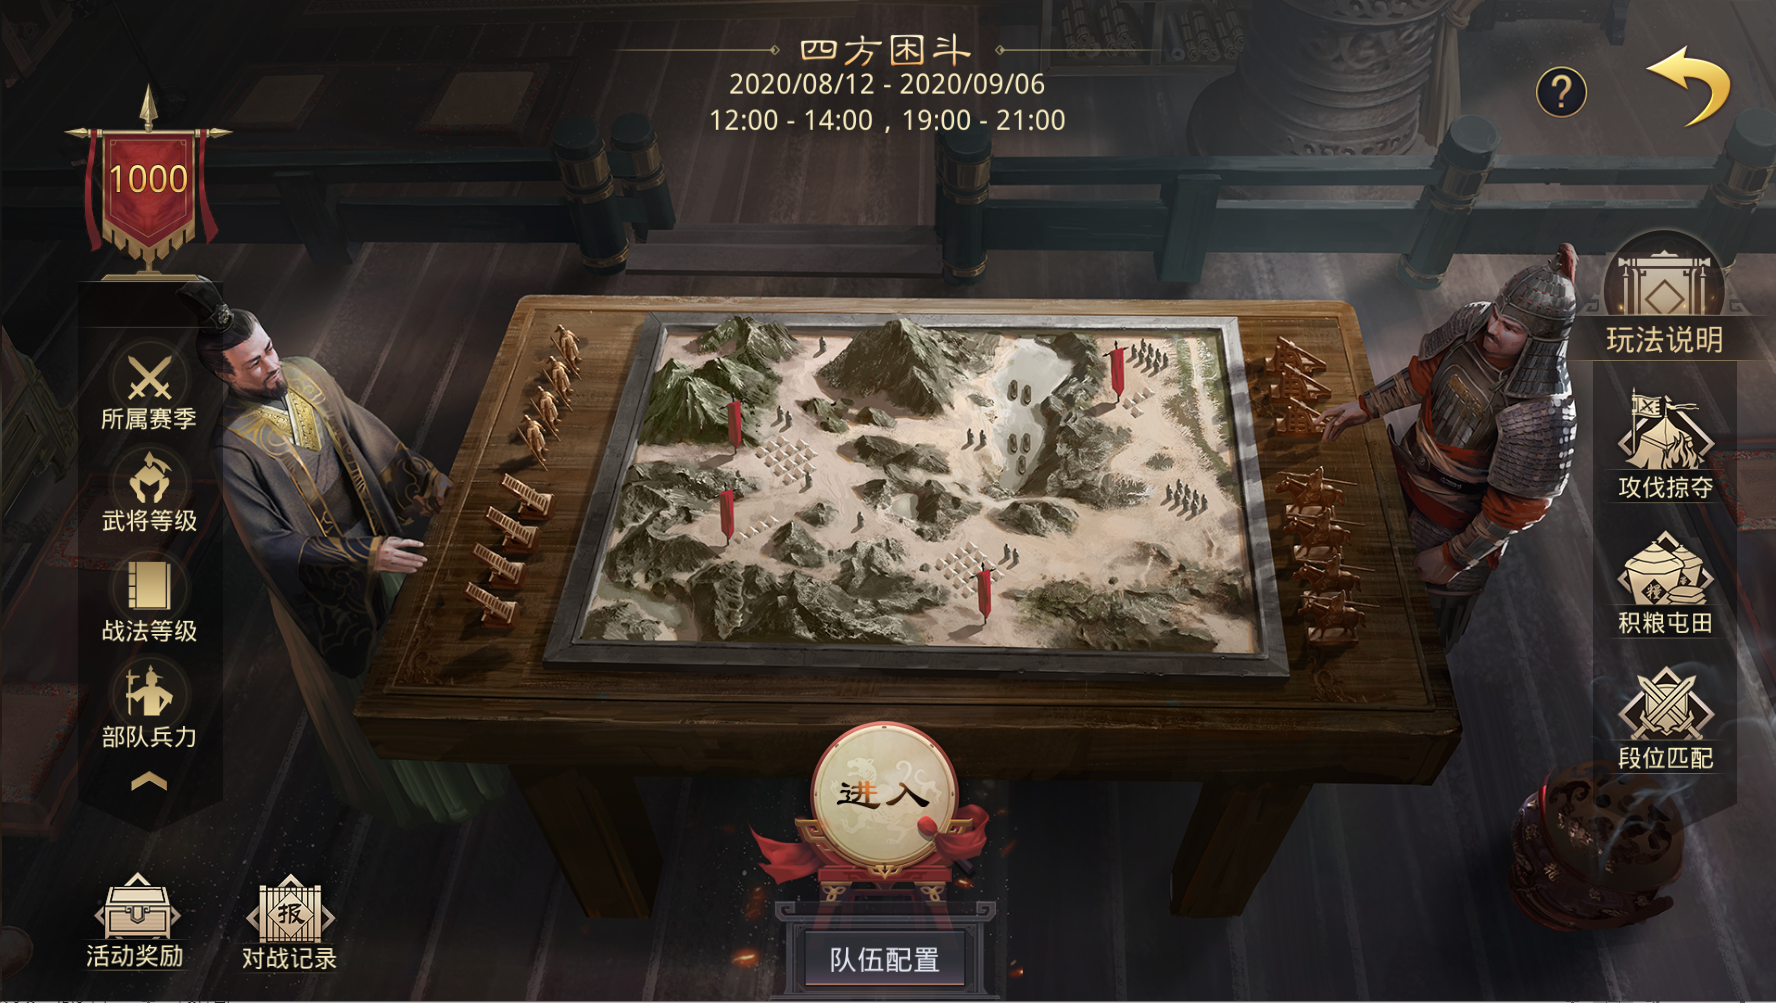 暑期活动《四方困斗》玩法预告